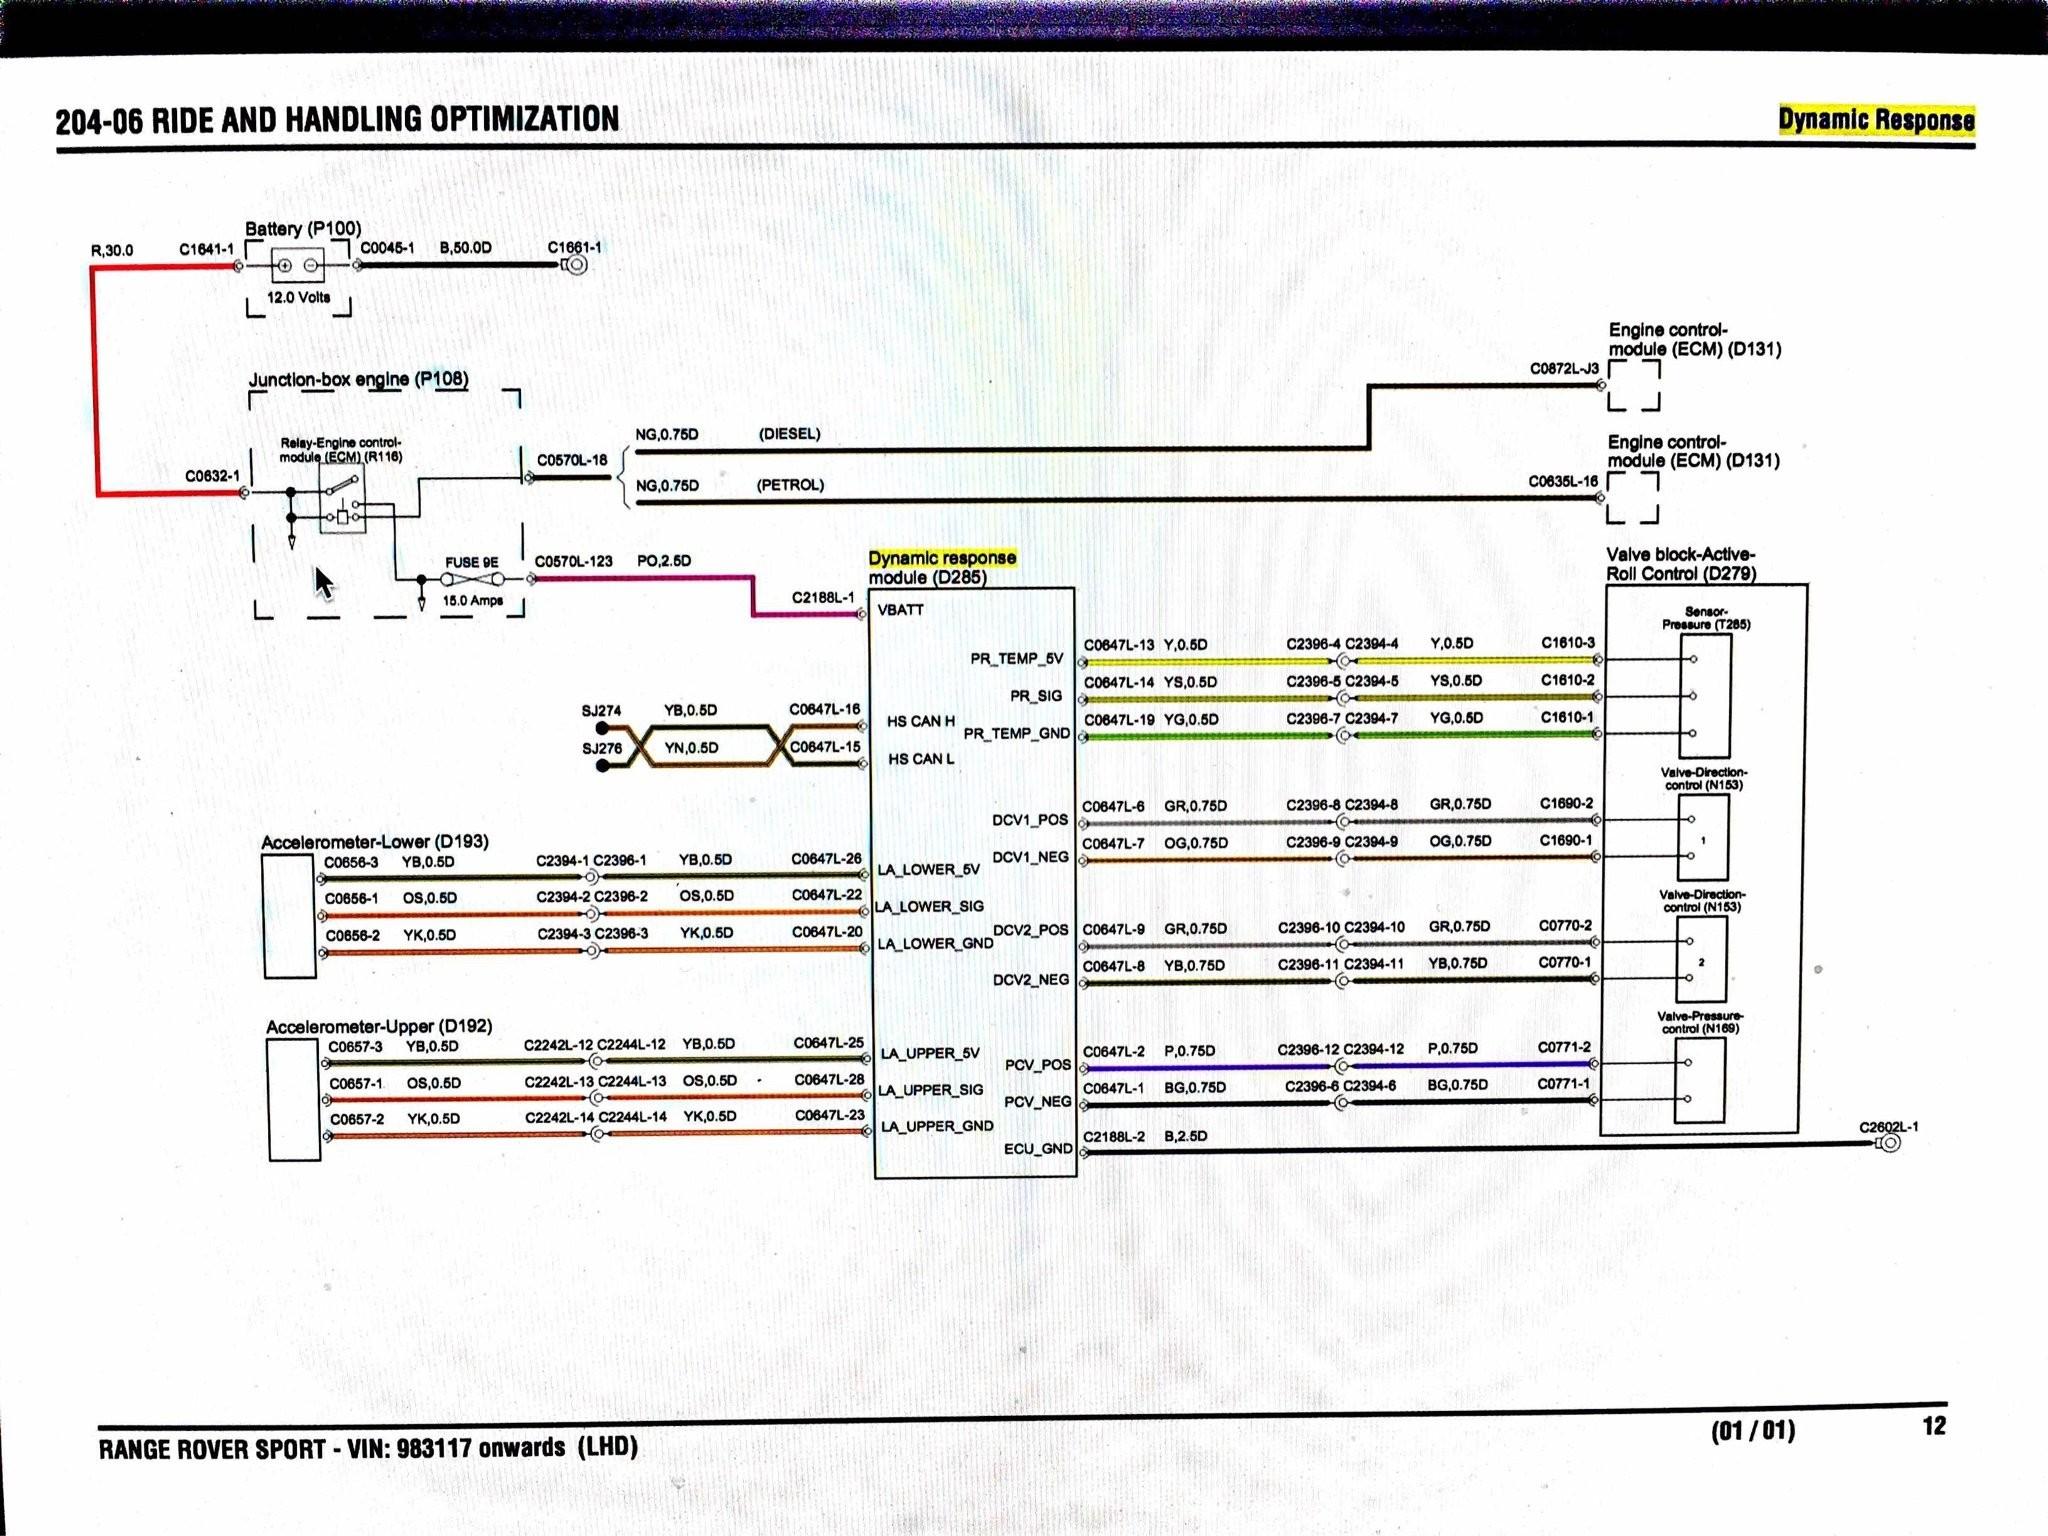 Vipper 4 Wire Diagram Diagram] 2015 Range Rover Sport Wiring Diagram Schematic Of Vipper 4 Wire Diagram